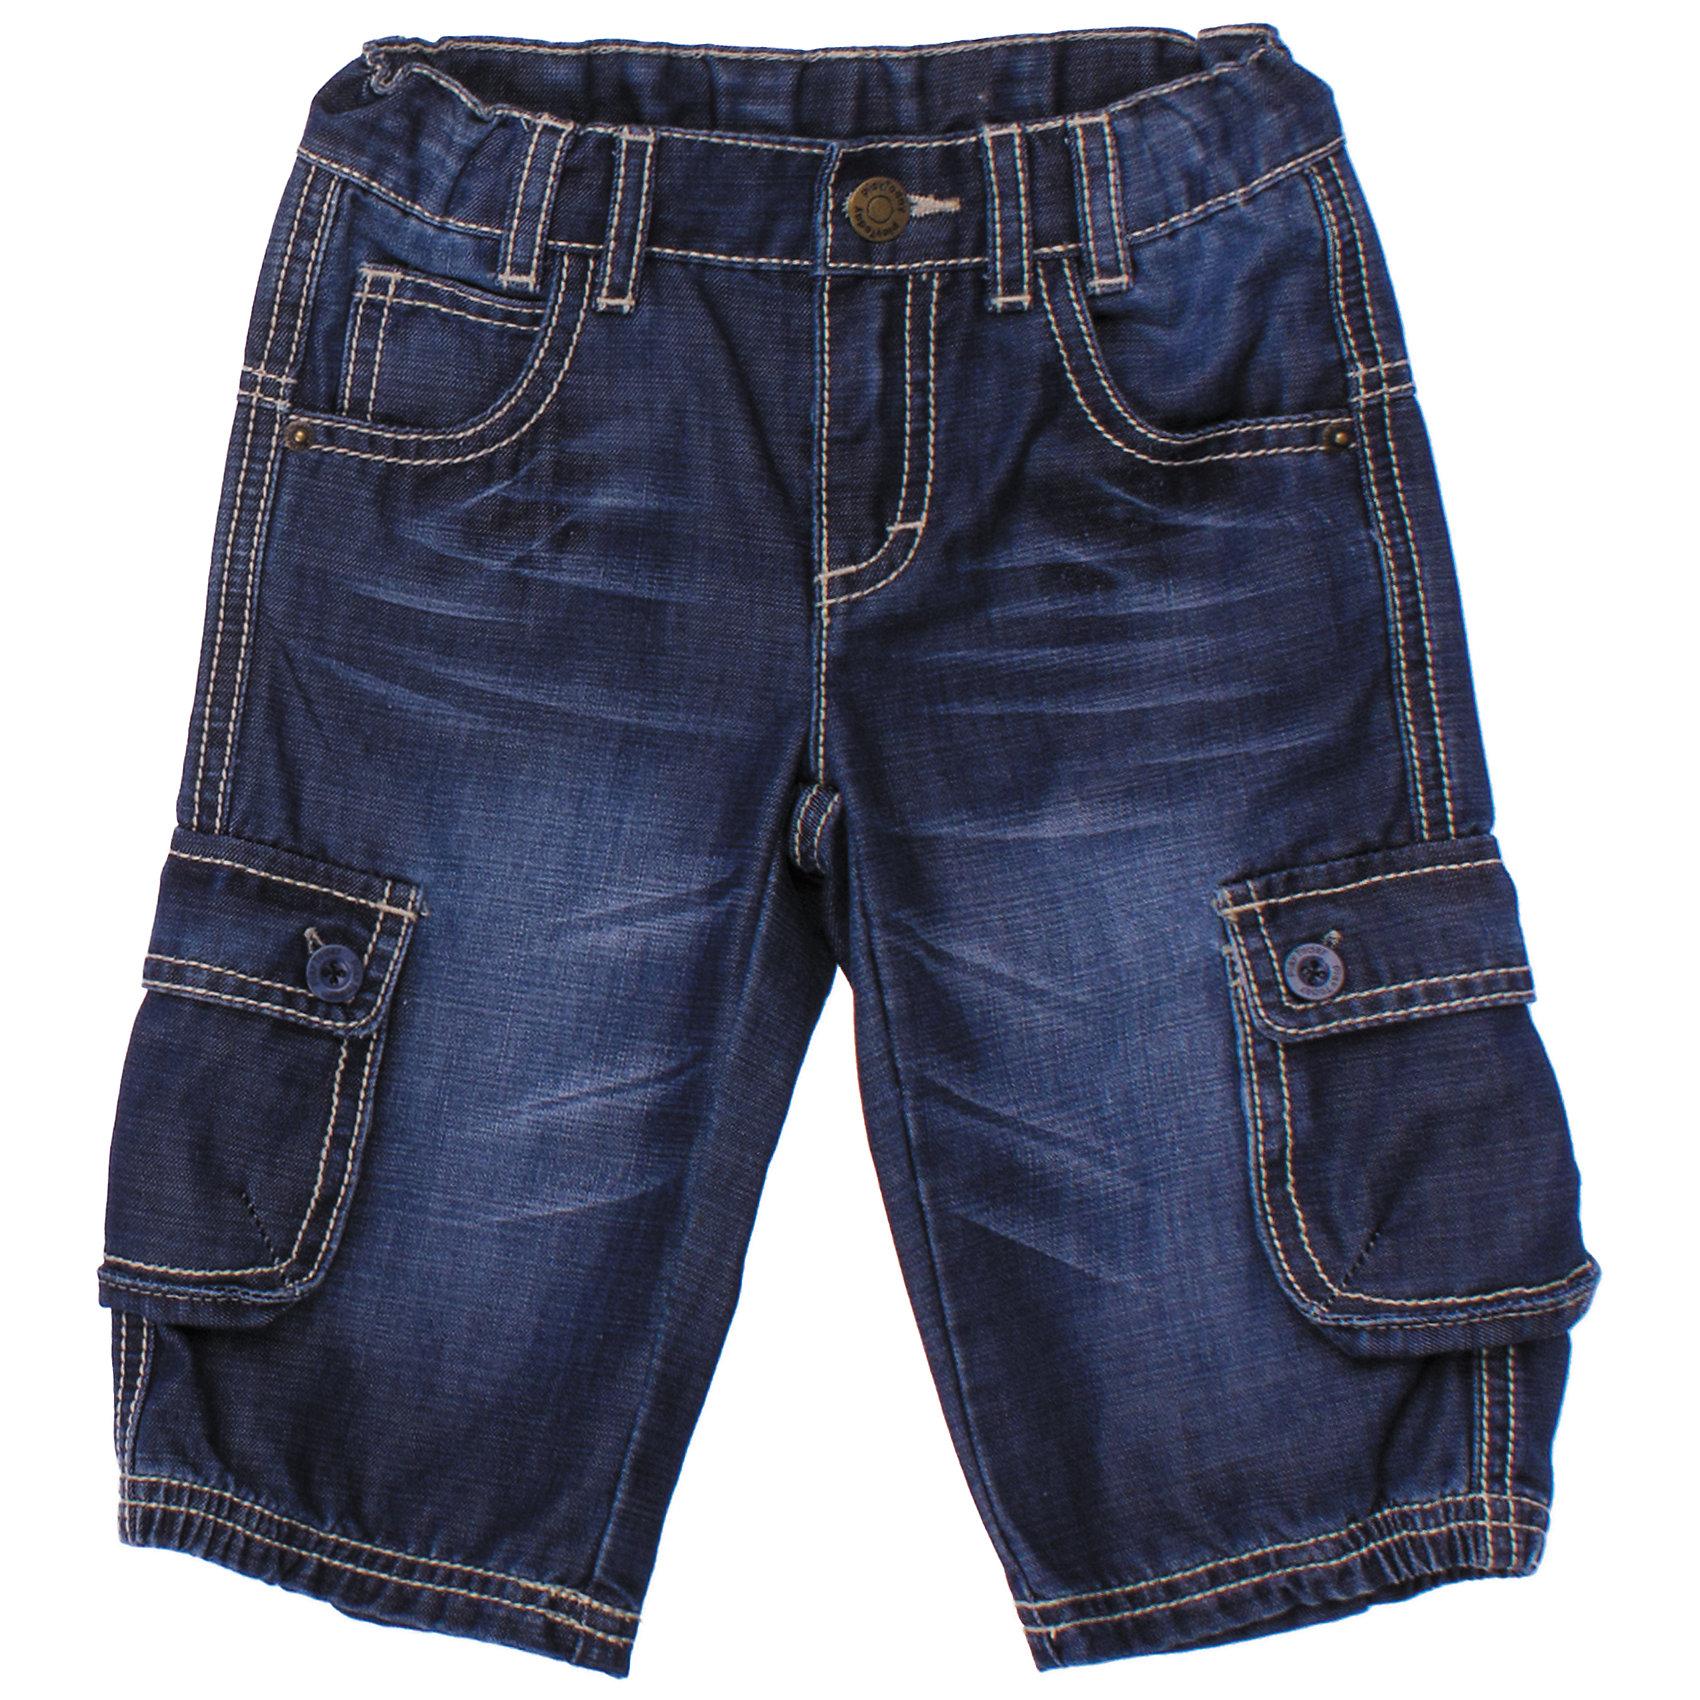 Бриджи для мальчика PlayTodayСтильные джинсовые бриджи темно-синего цвета. Застегиваются на молнию и металлическую кнопку. Есть целых 6 больших карманов. Состав: 55% хлопок, 45% полиэстер<br><br>Ширина мм: 191<br>Глубина мм: 10<br>Высота мм: 175<br>Вес г: 273<br>Цвет: синий<br>Возраст от месяцев: 72<br>Возраст до месяцев: 84<br>Пол: Мужской<br>Возраст: Детский<br>Размер: 122,98,128,110,104,116<br>SKU: 4652456